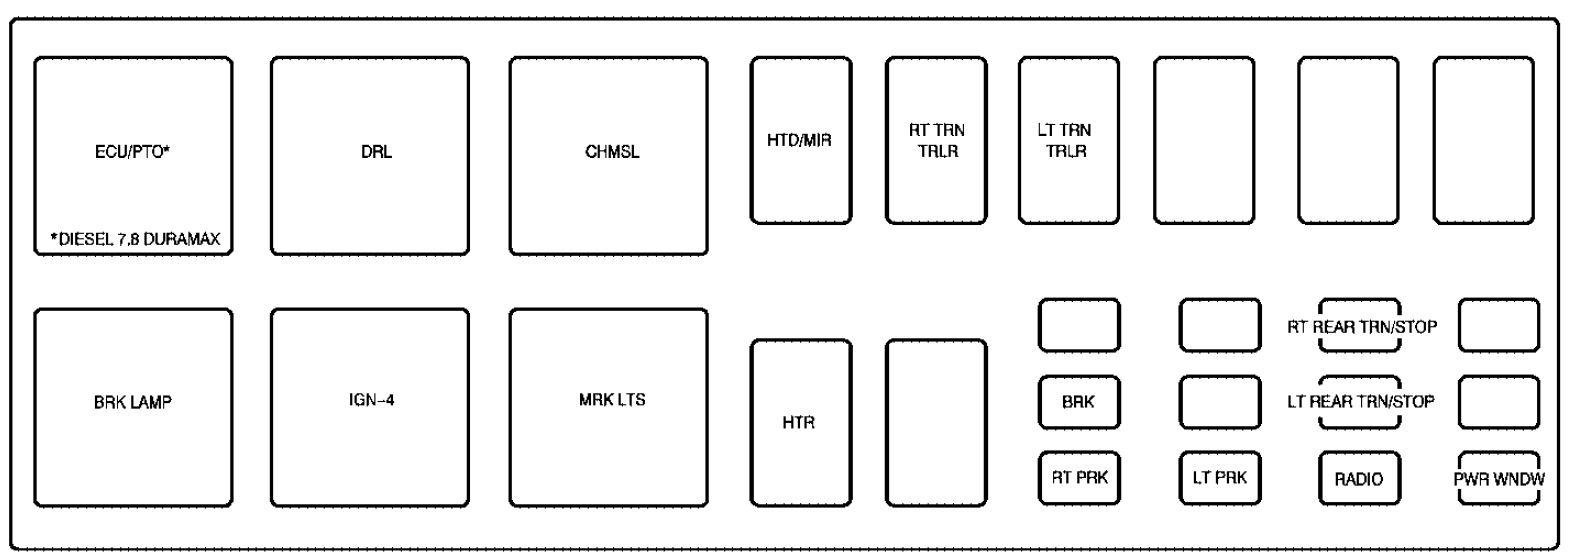 Awe Inspiring Wiring Diagram Daihatsu Luxio Acura Wiring Diagram Lexus Wiring Wiring Digital Resources Arguphilshebarightsorg